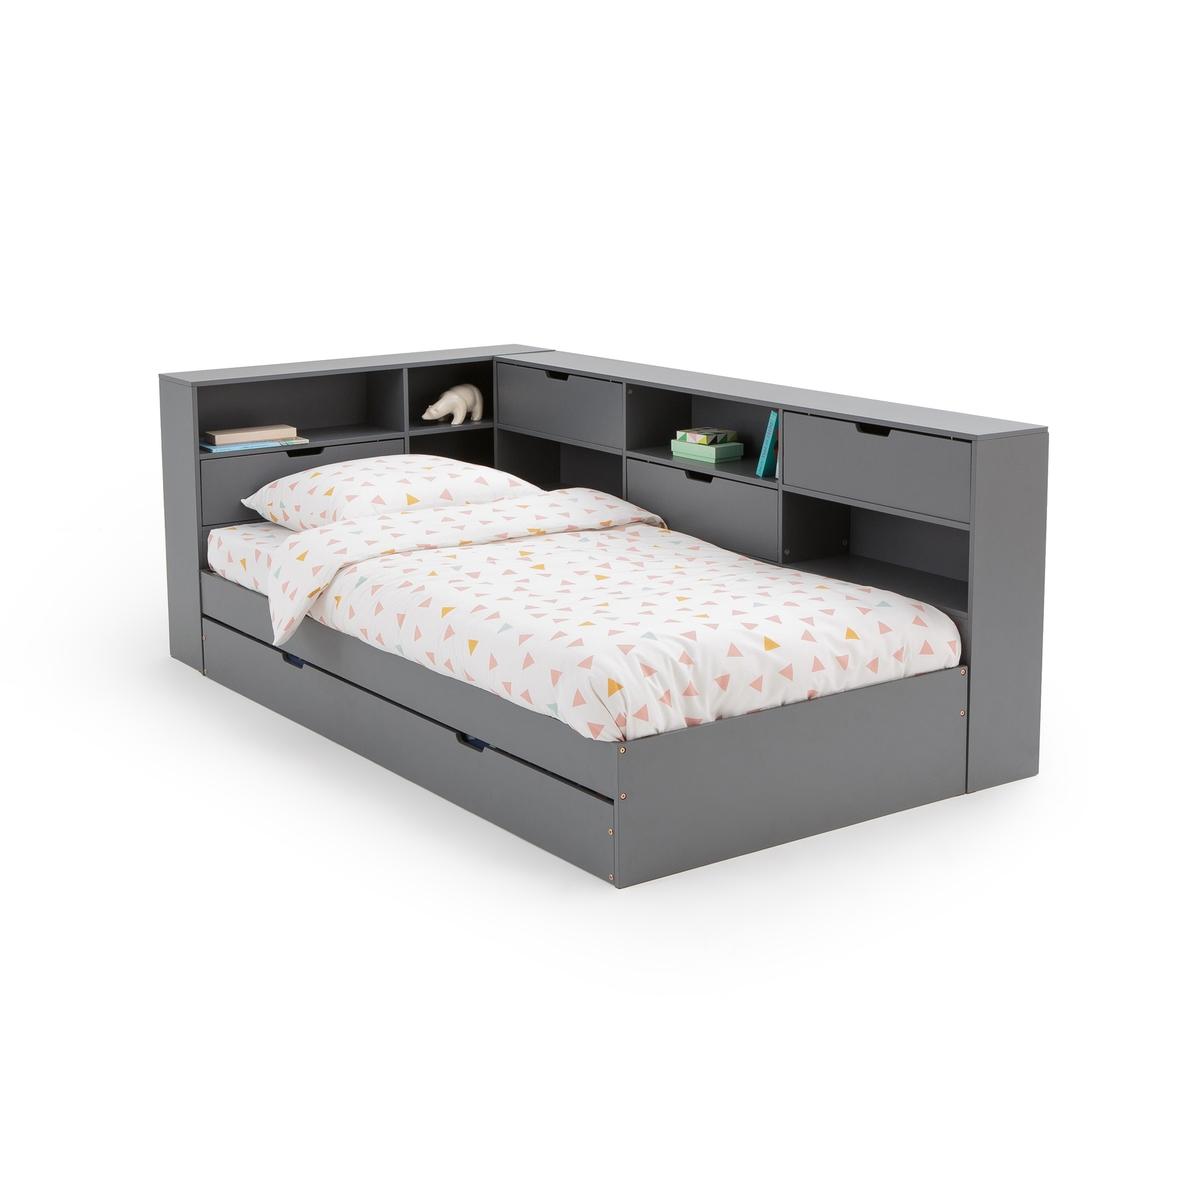 Кровать LaRedoute С ящиком отделениями для вещей и кроватным основанием Yann 90 x 190 см бежевый